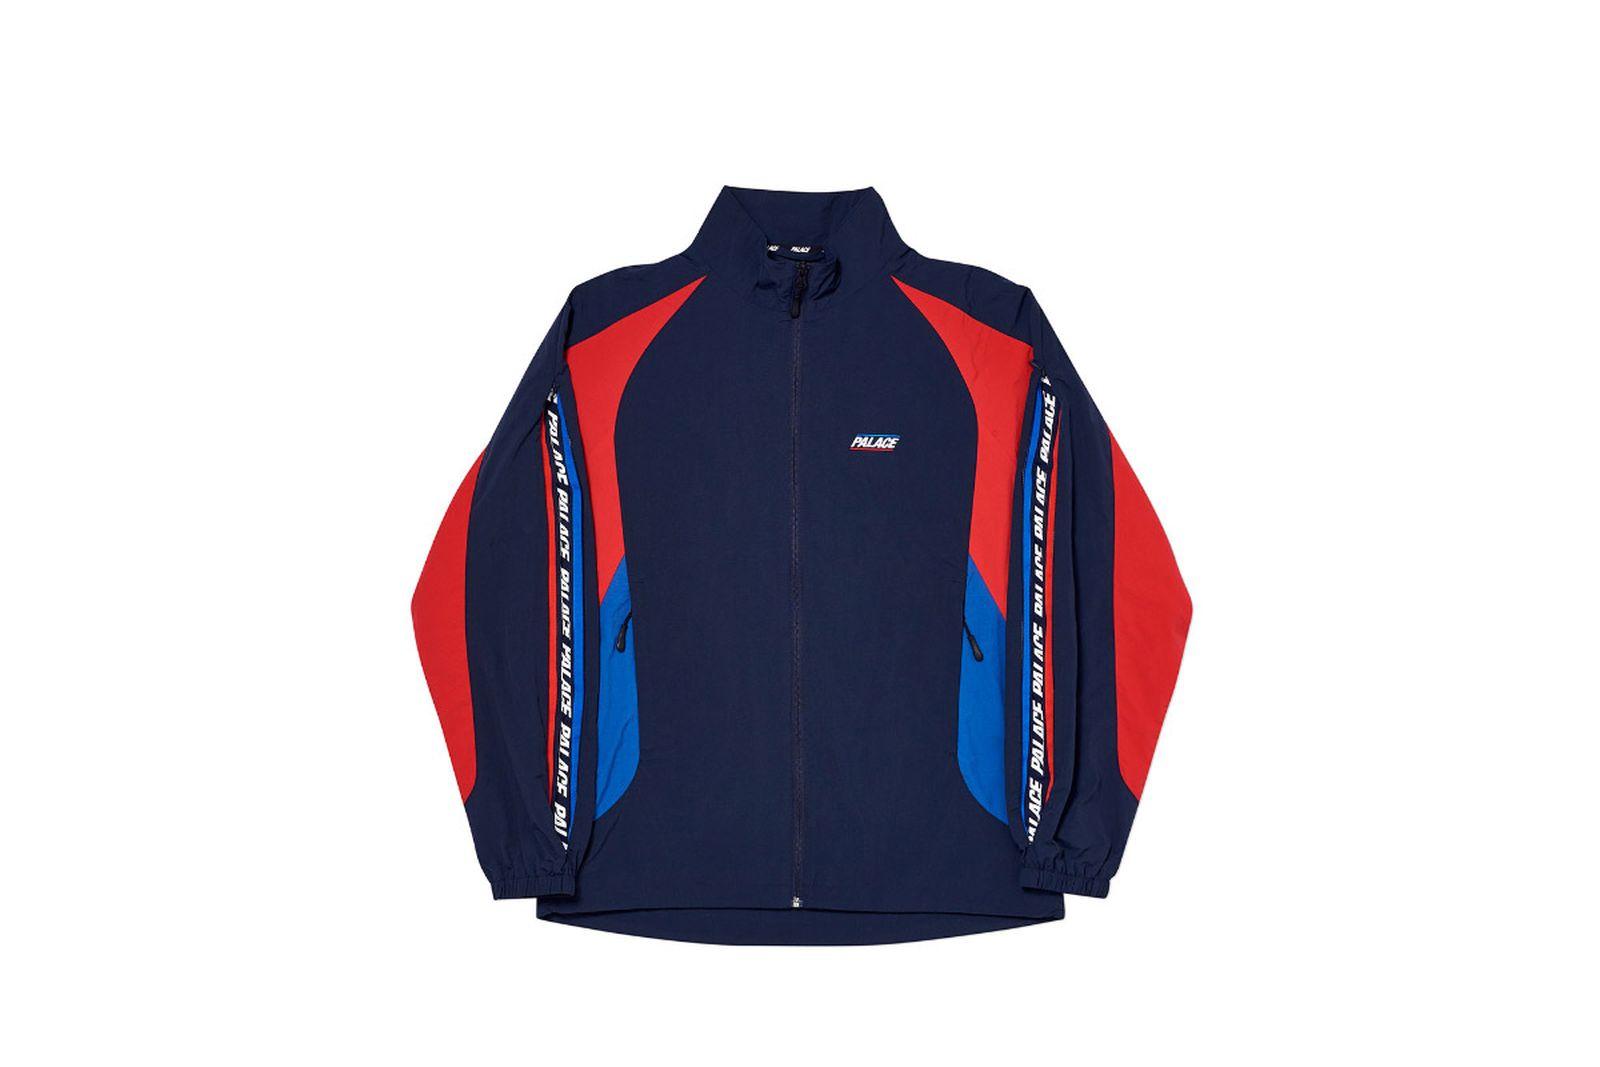 Palace 2019 Autumn Jacket revealer shell navy sleeve option